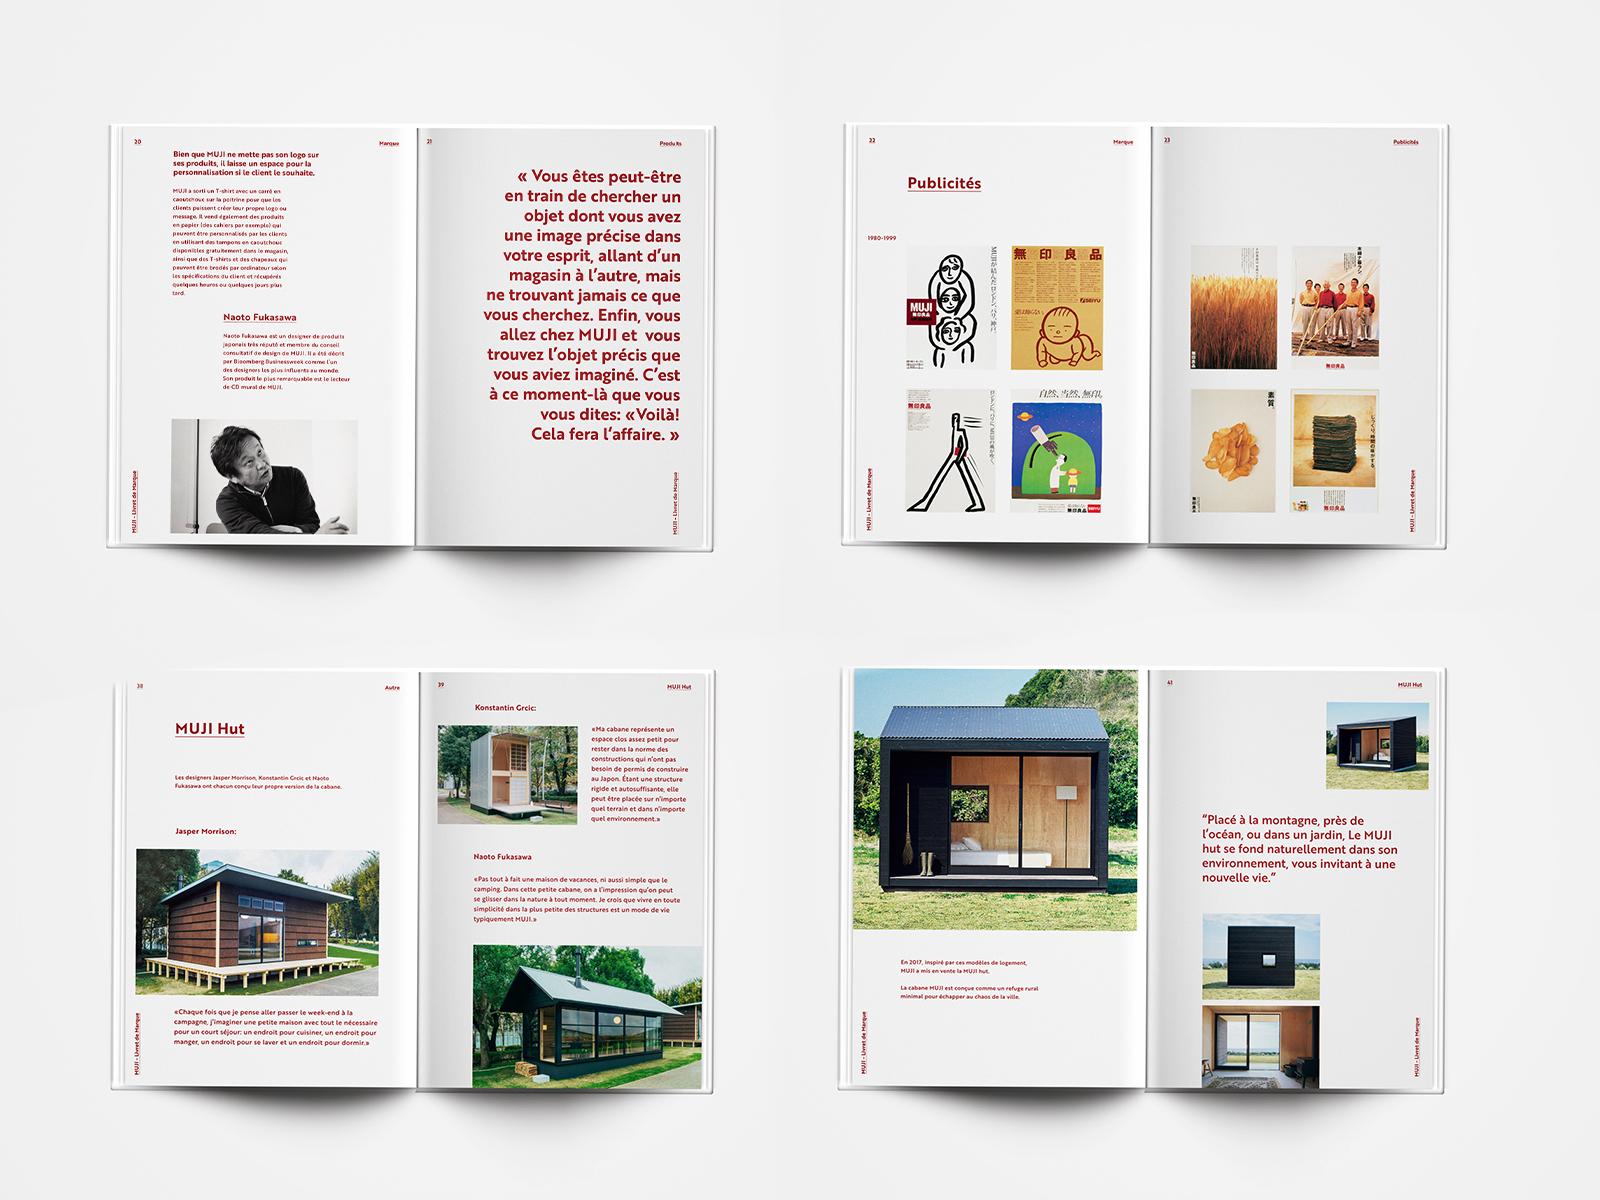 La Petite Maison Atlanta muji brand bookkatelyn kazan on dribbble